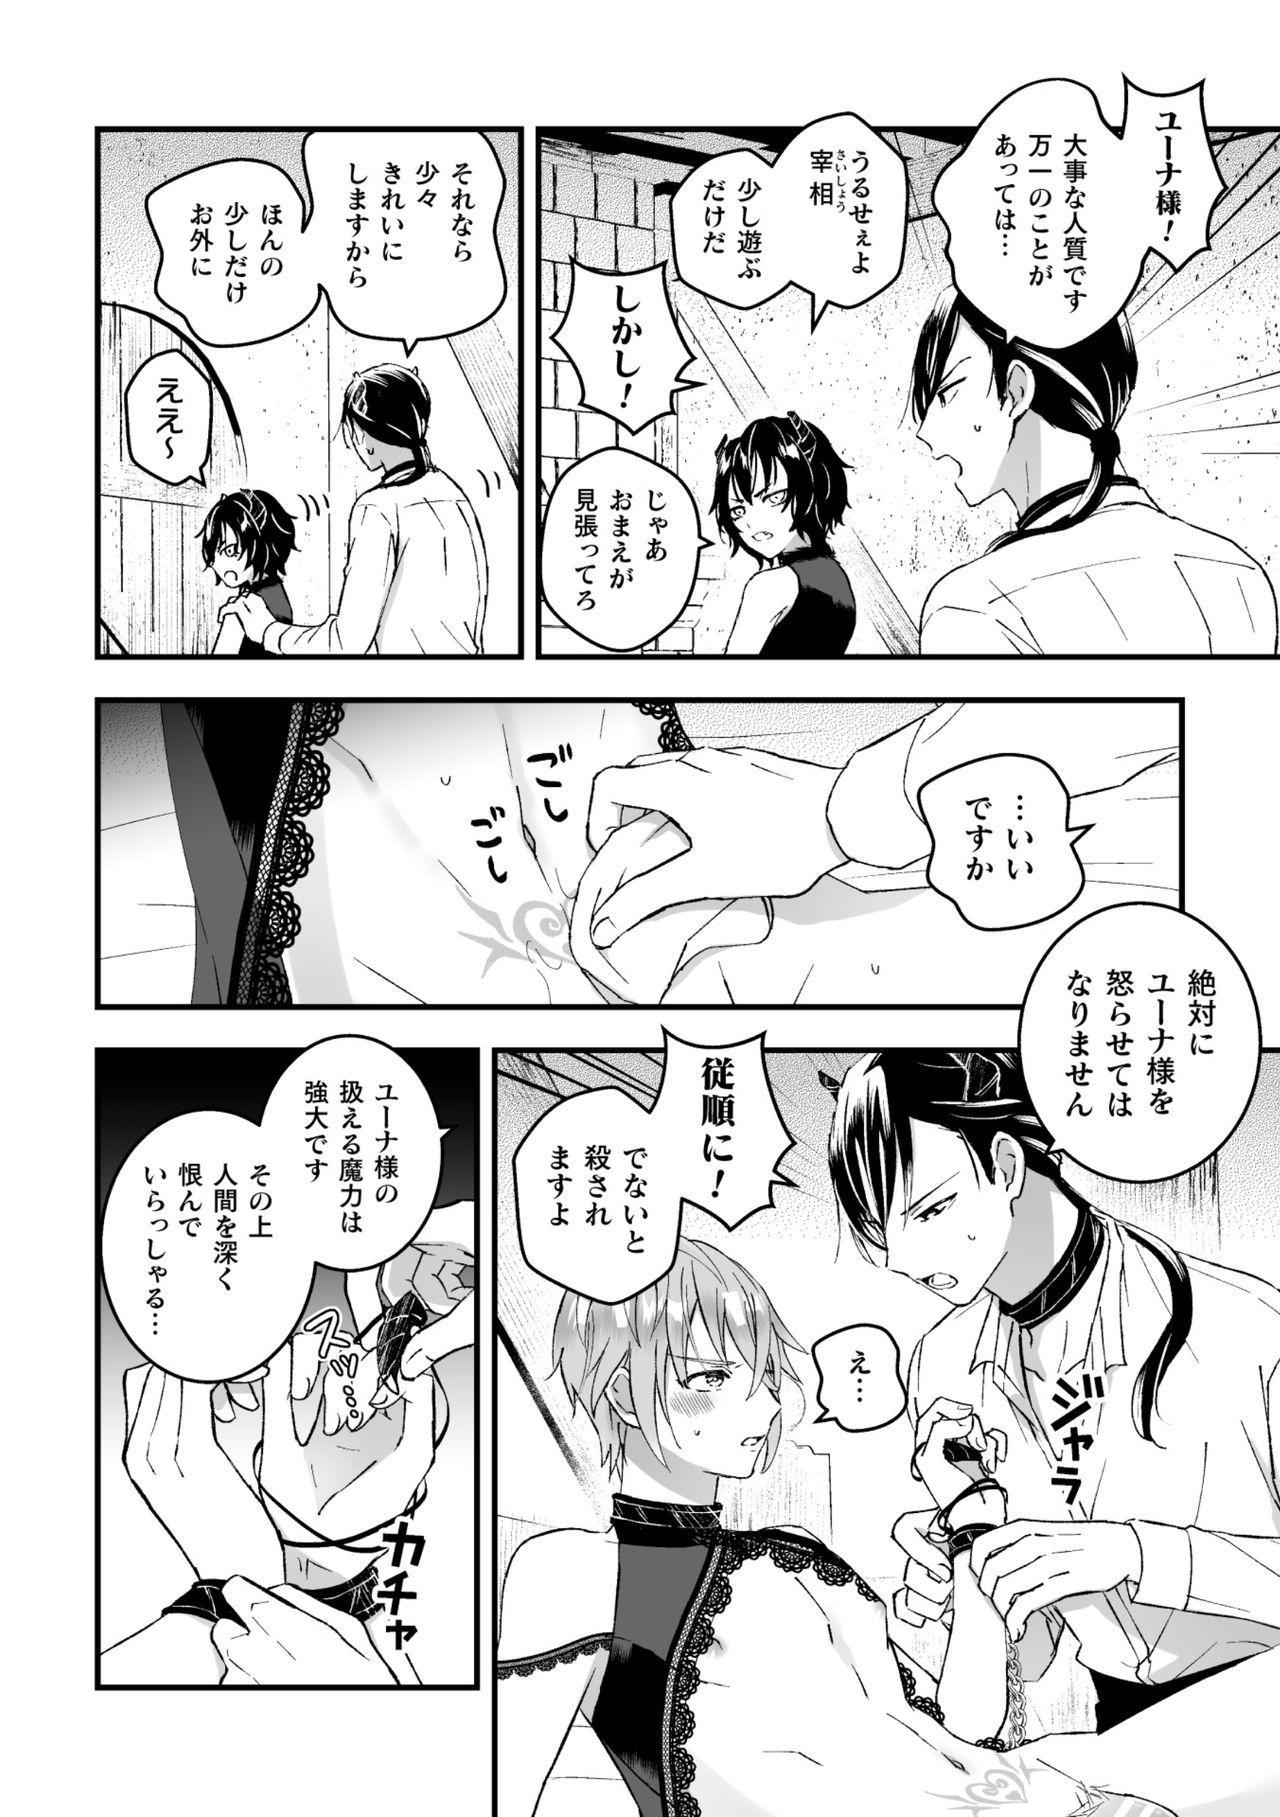 """Otoko Kishi ga """"Ku, Korose!"""" tte Iu kara Mesu Choukyou Shitemita Ch. 3 3"""